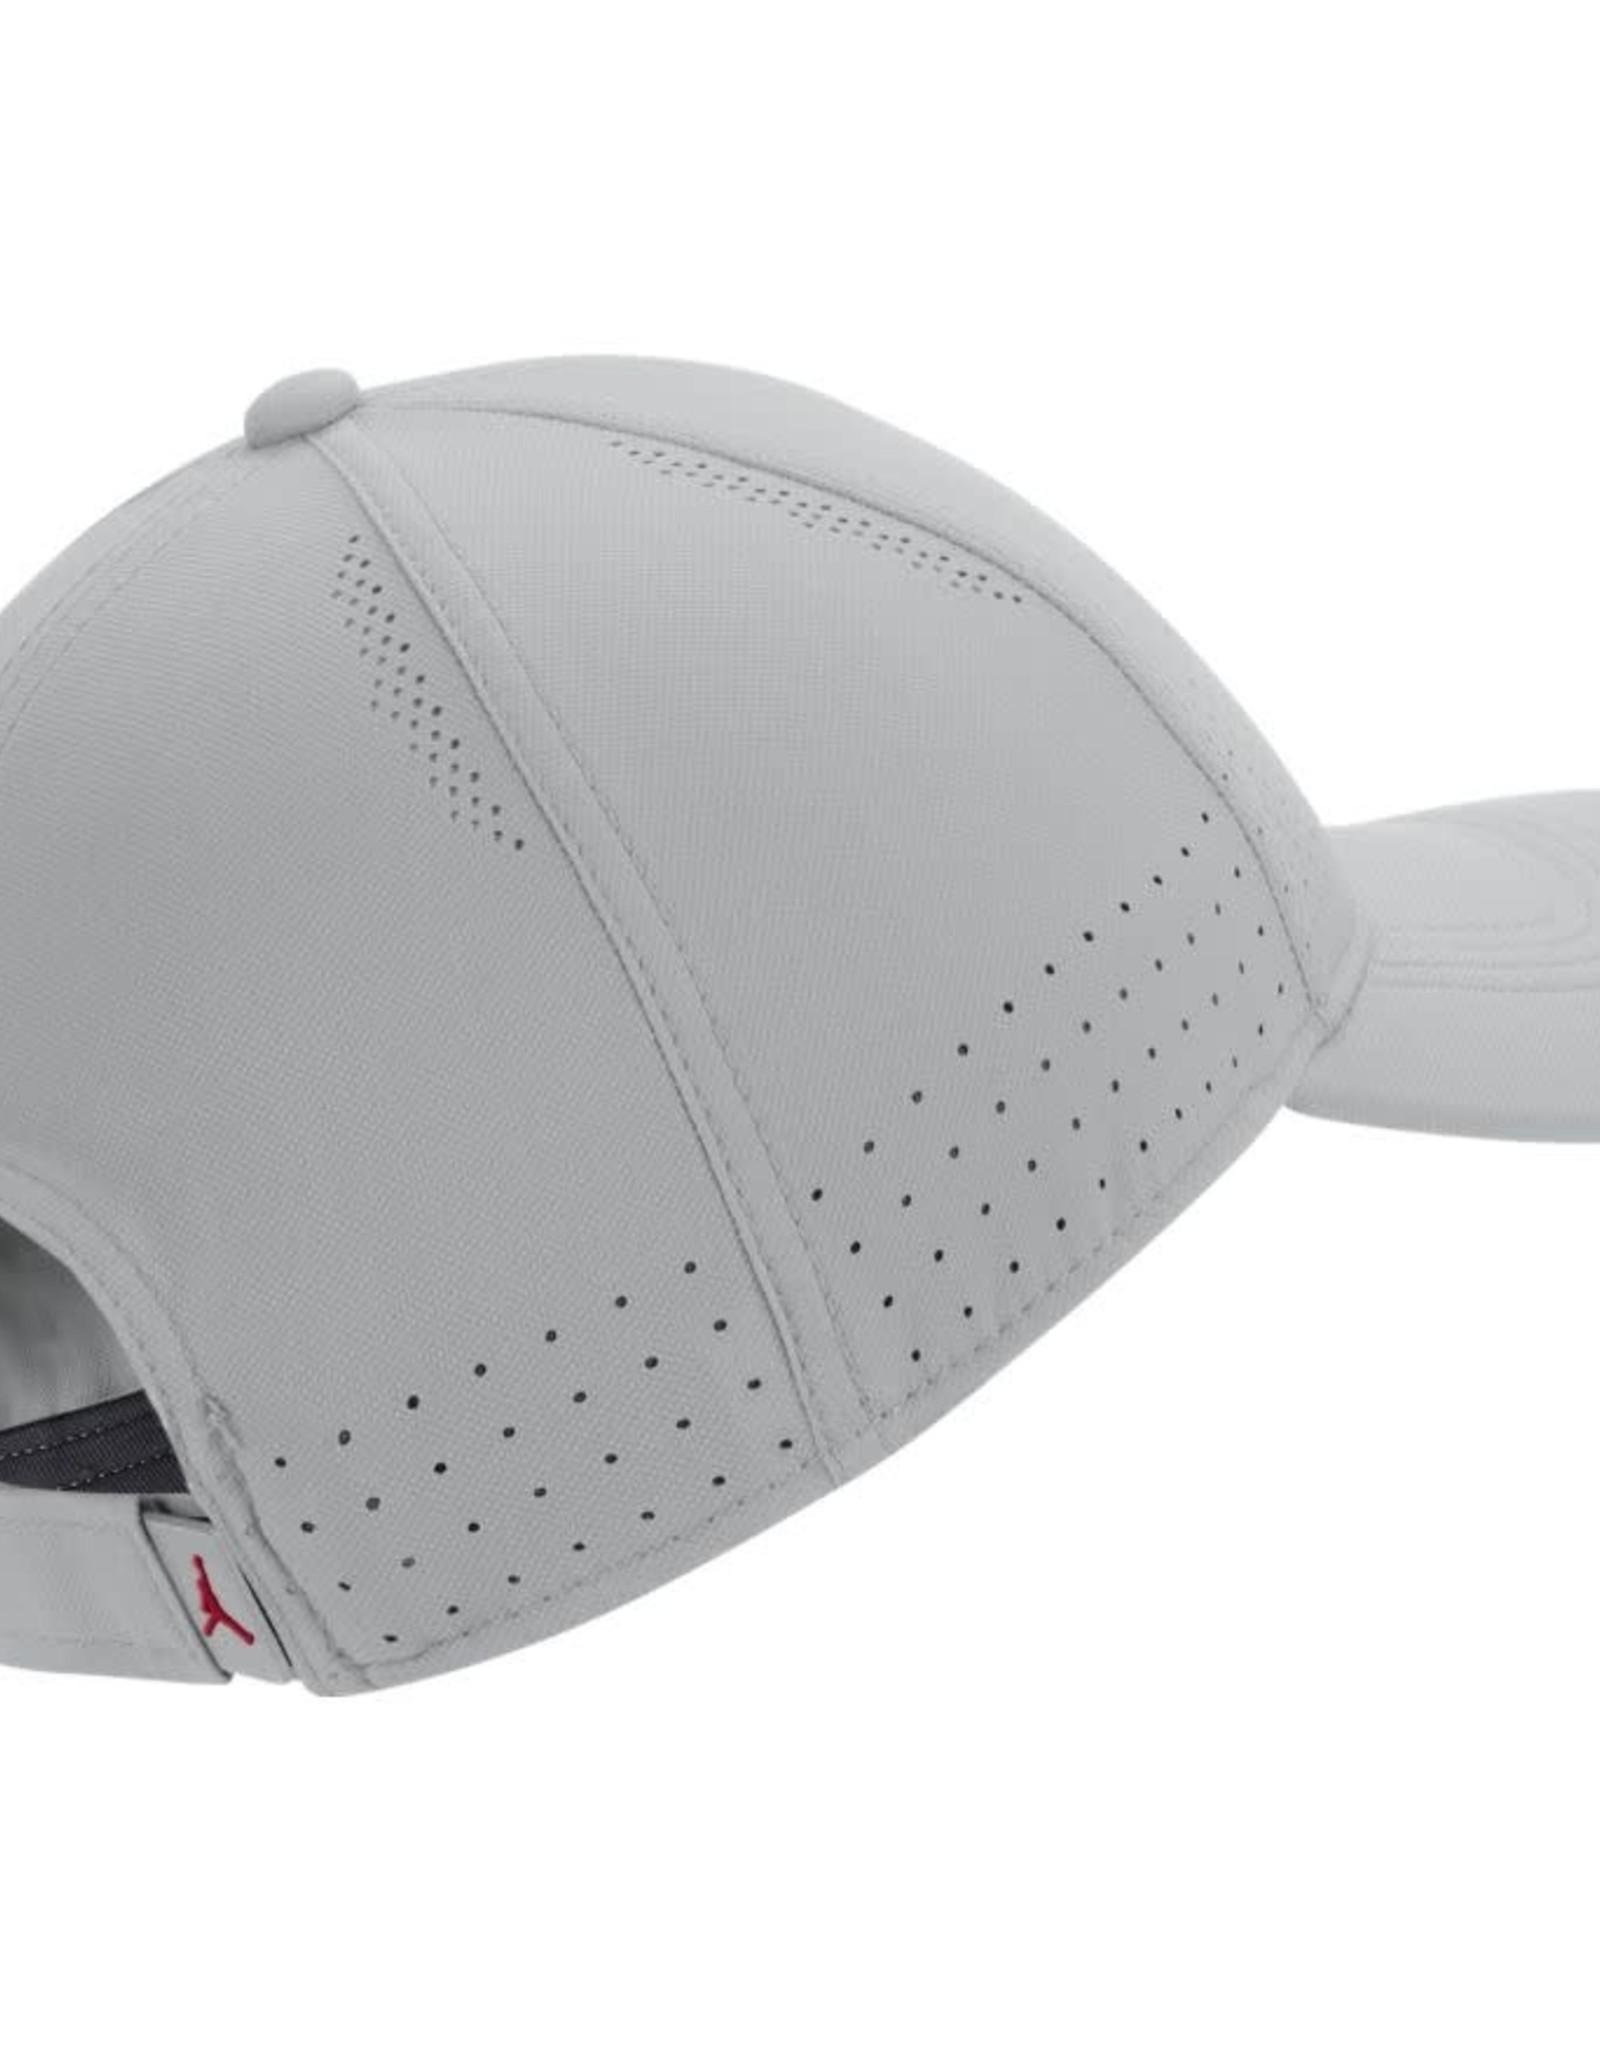 Jordan Men's Jordan Brand Aero L91 Cap